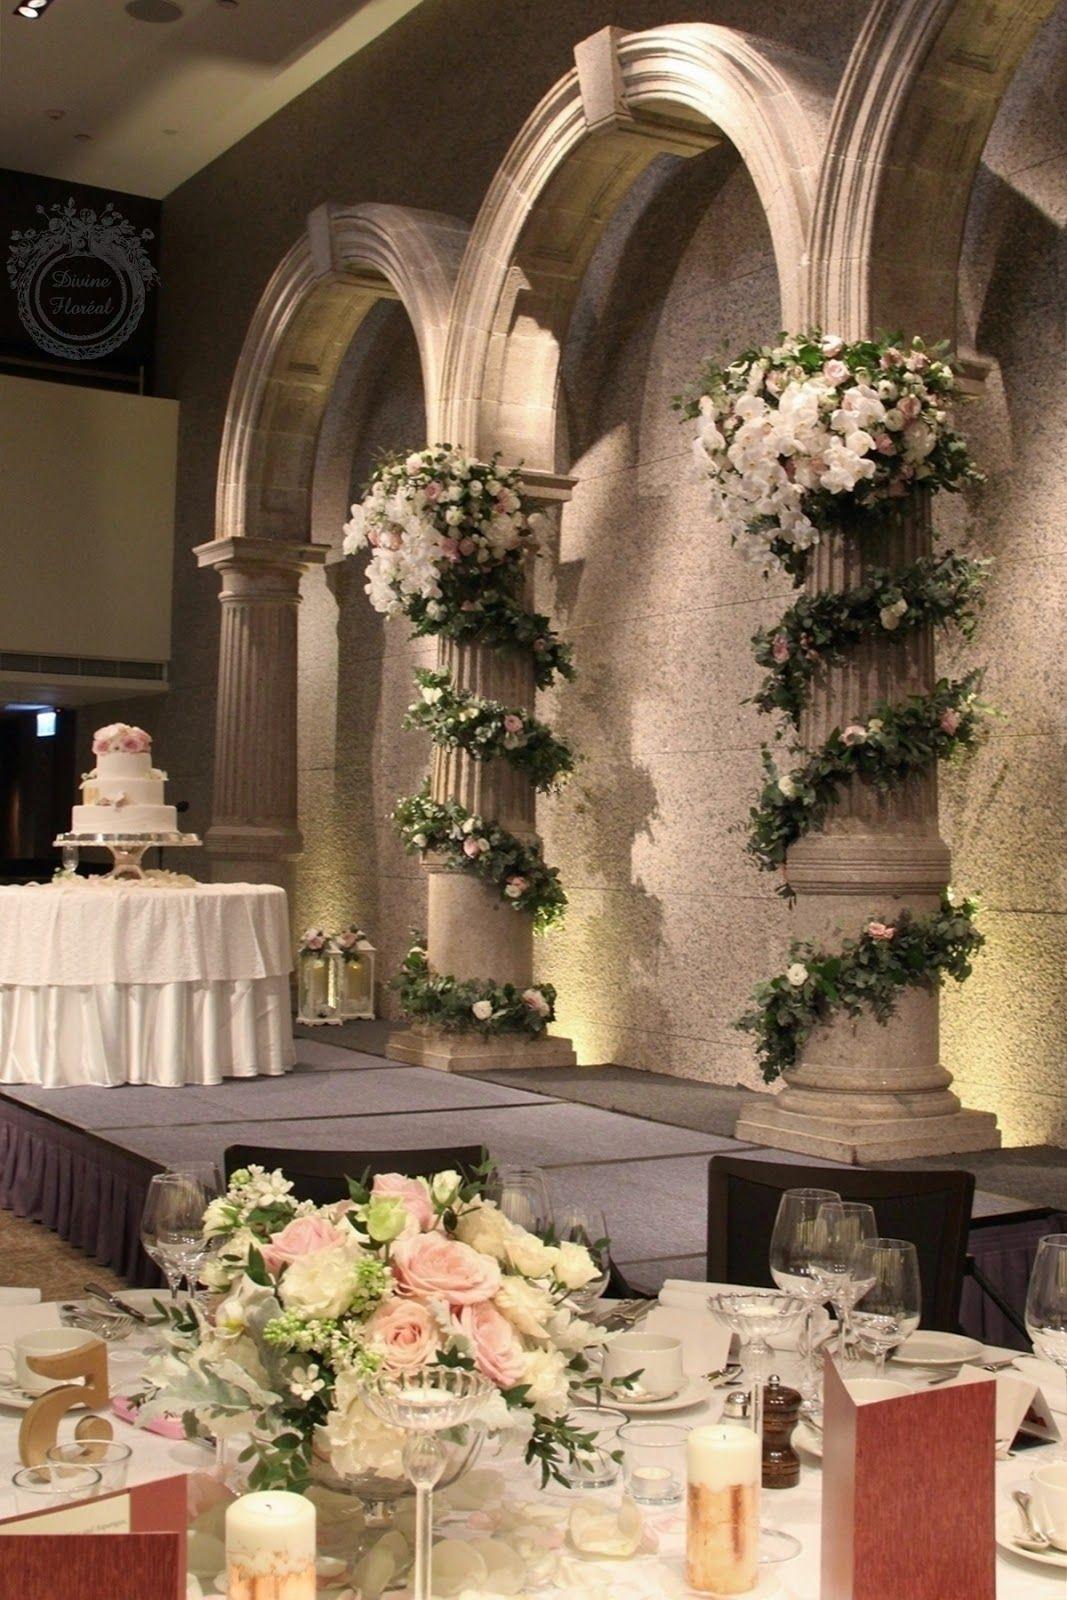 Divine Floréal Table decorations, Decor, Home decor